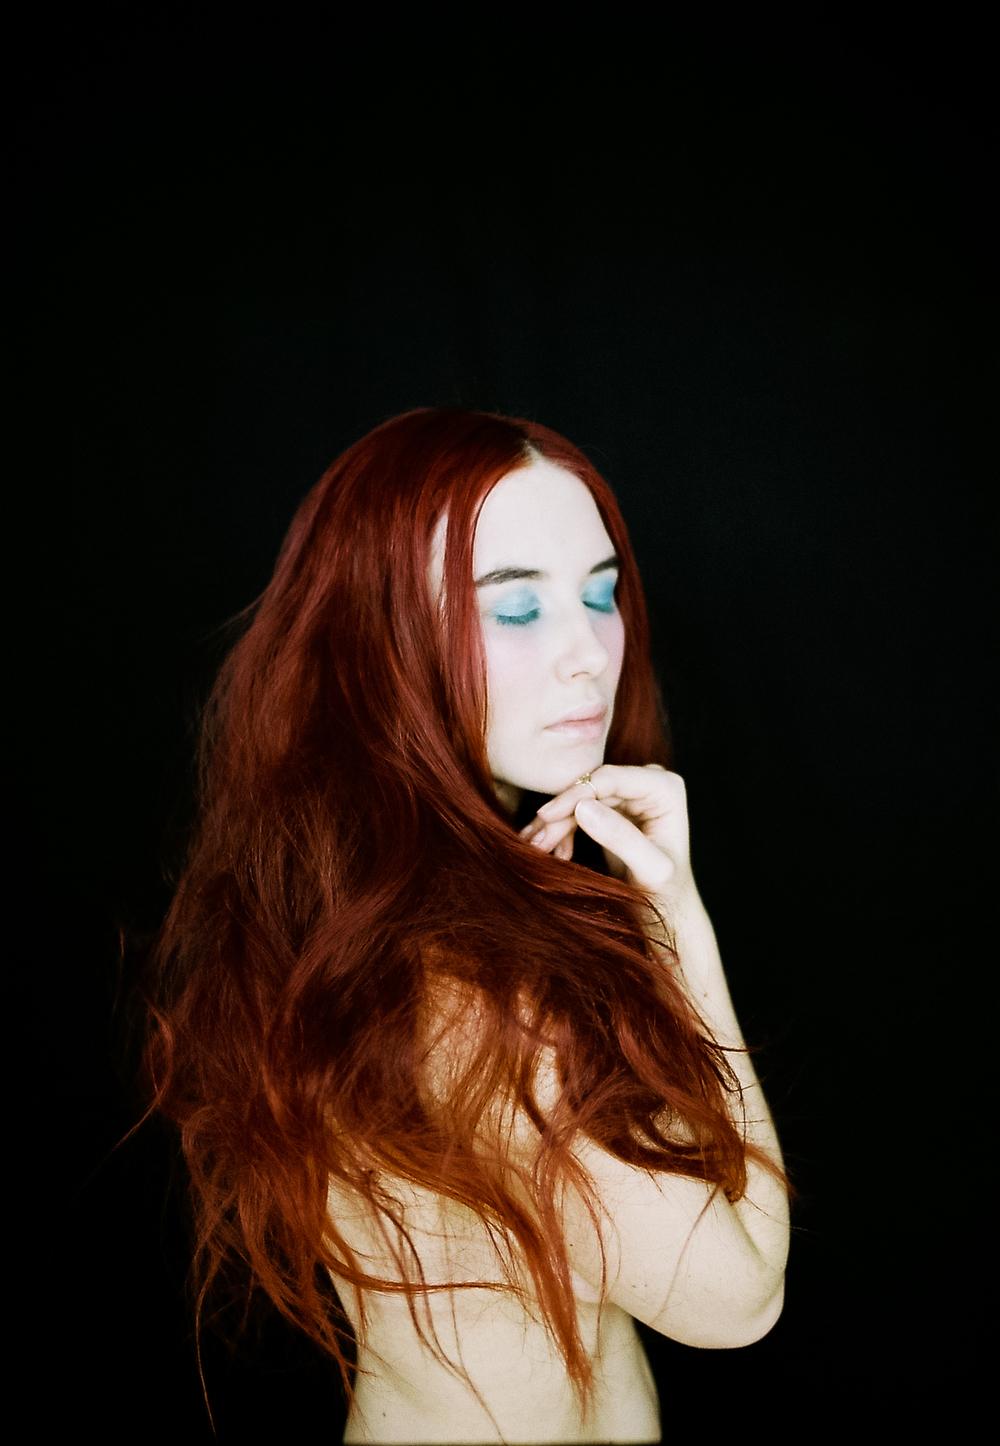 http://nylonsaddlephotography.com/